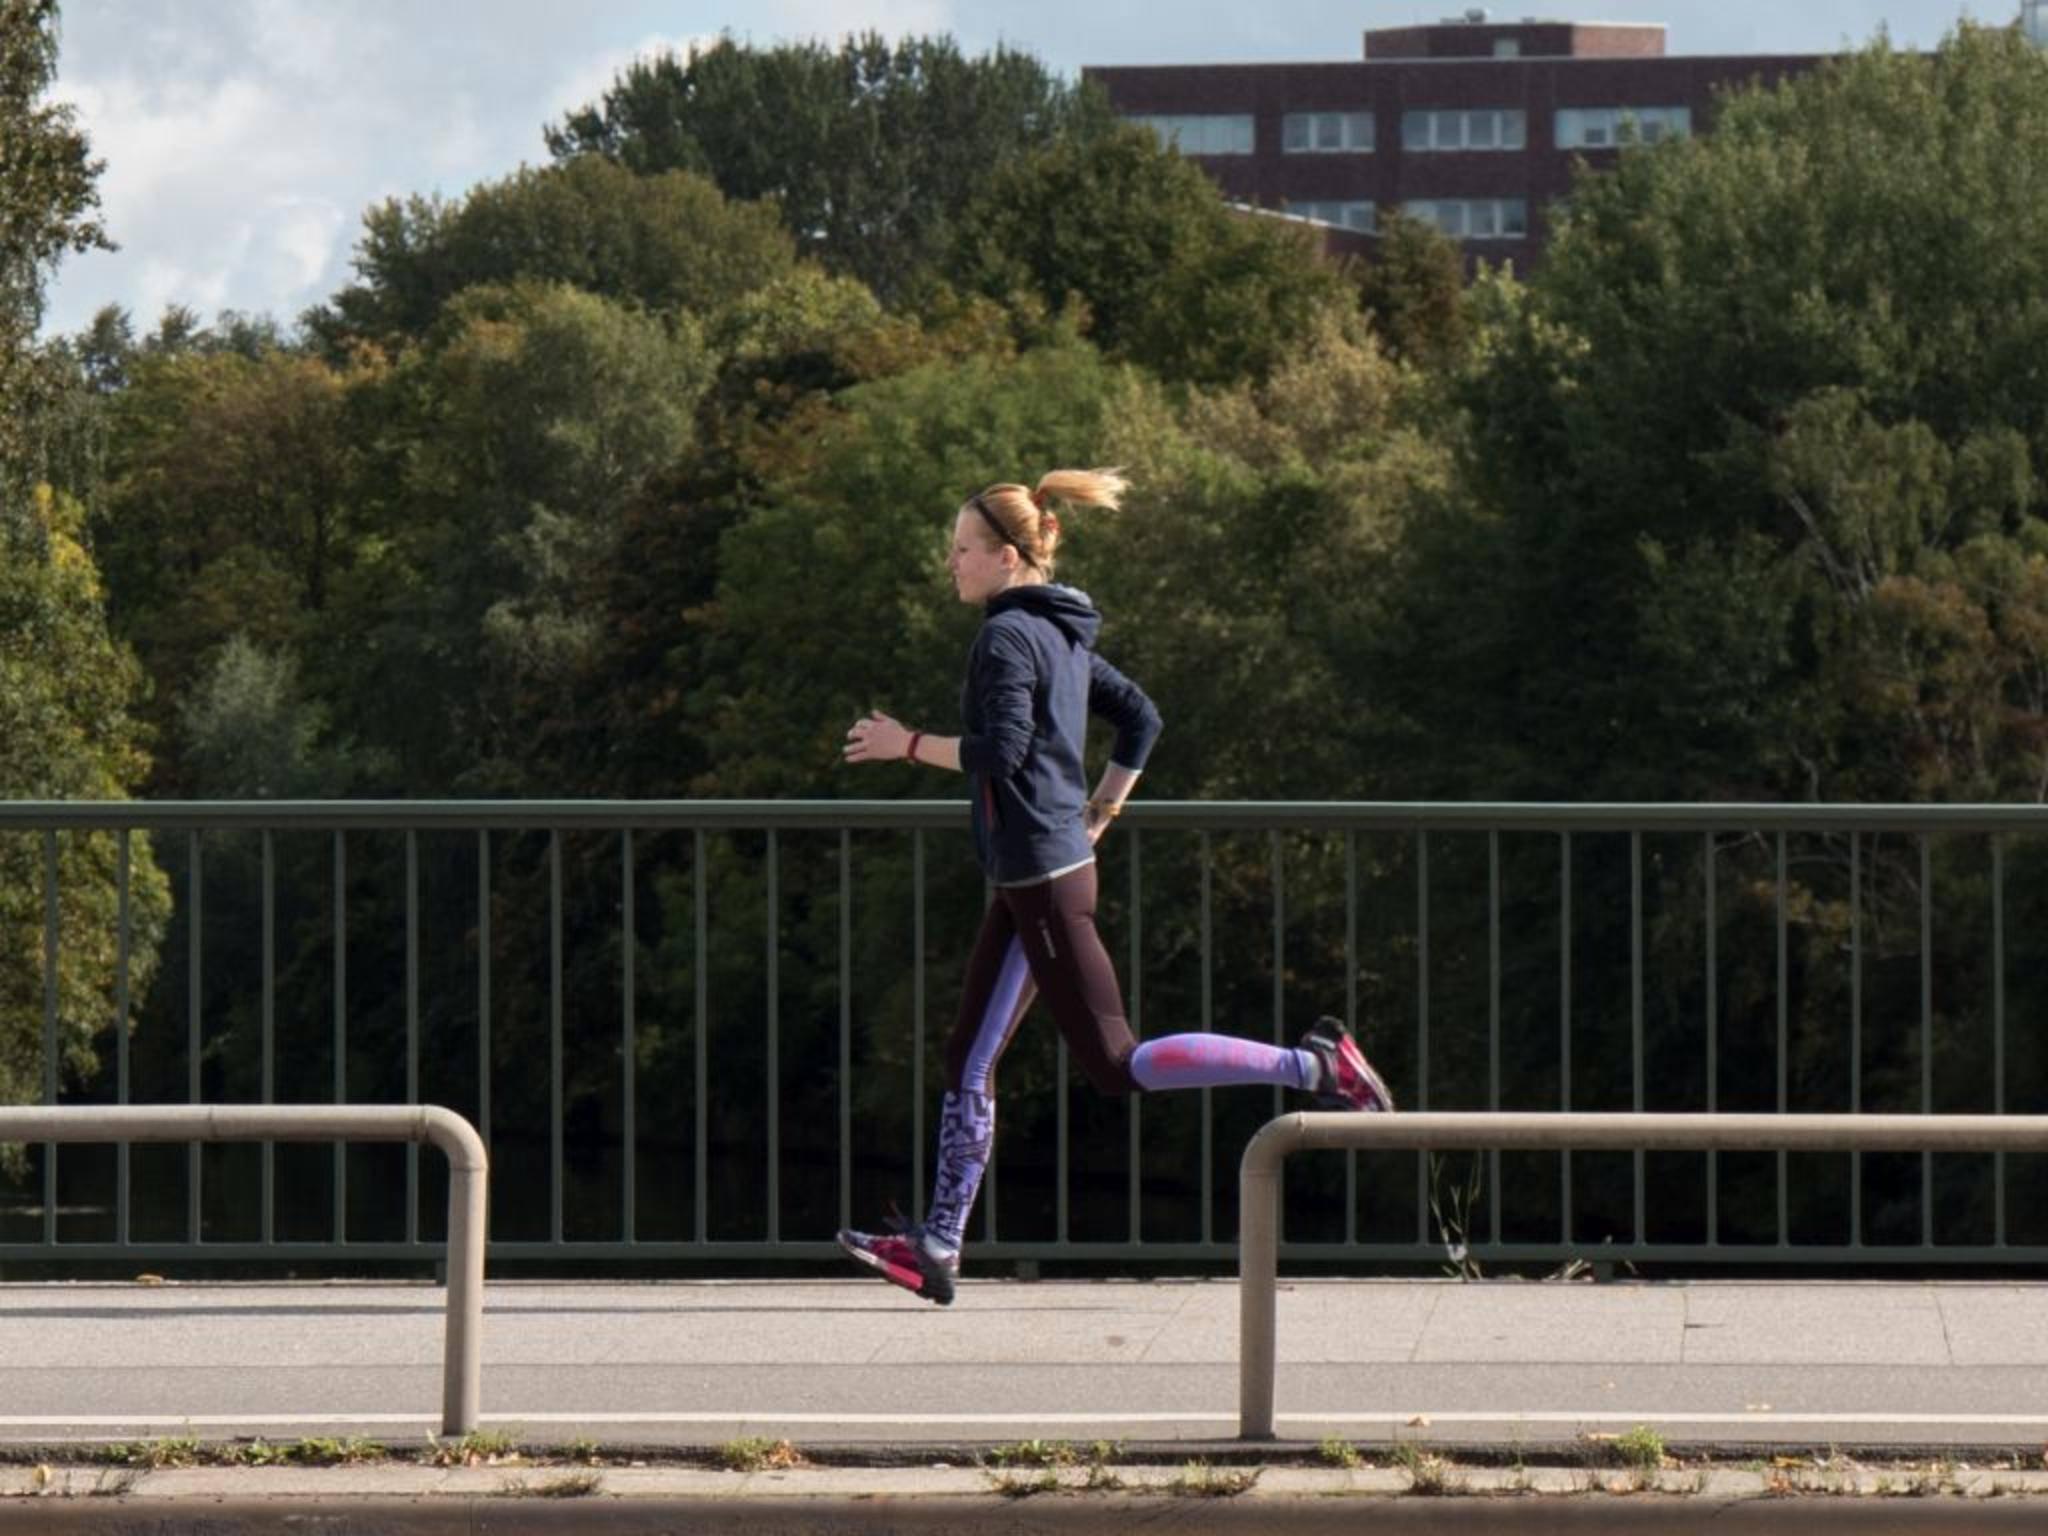 Beim Sport darf ein Fitness-Tracker nicht stören.